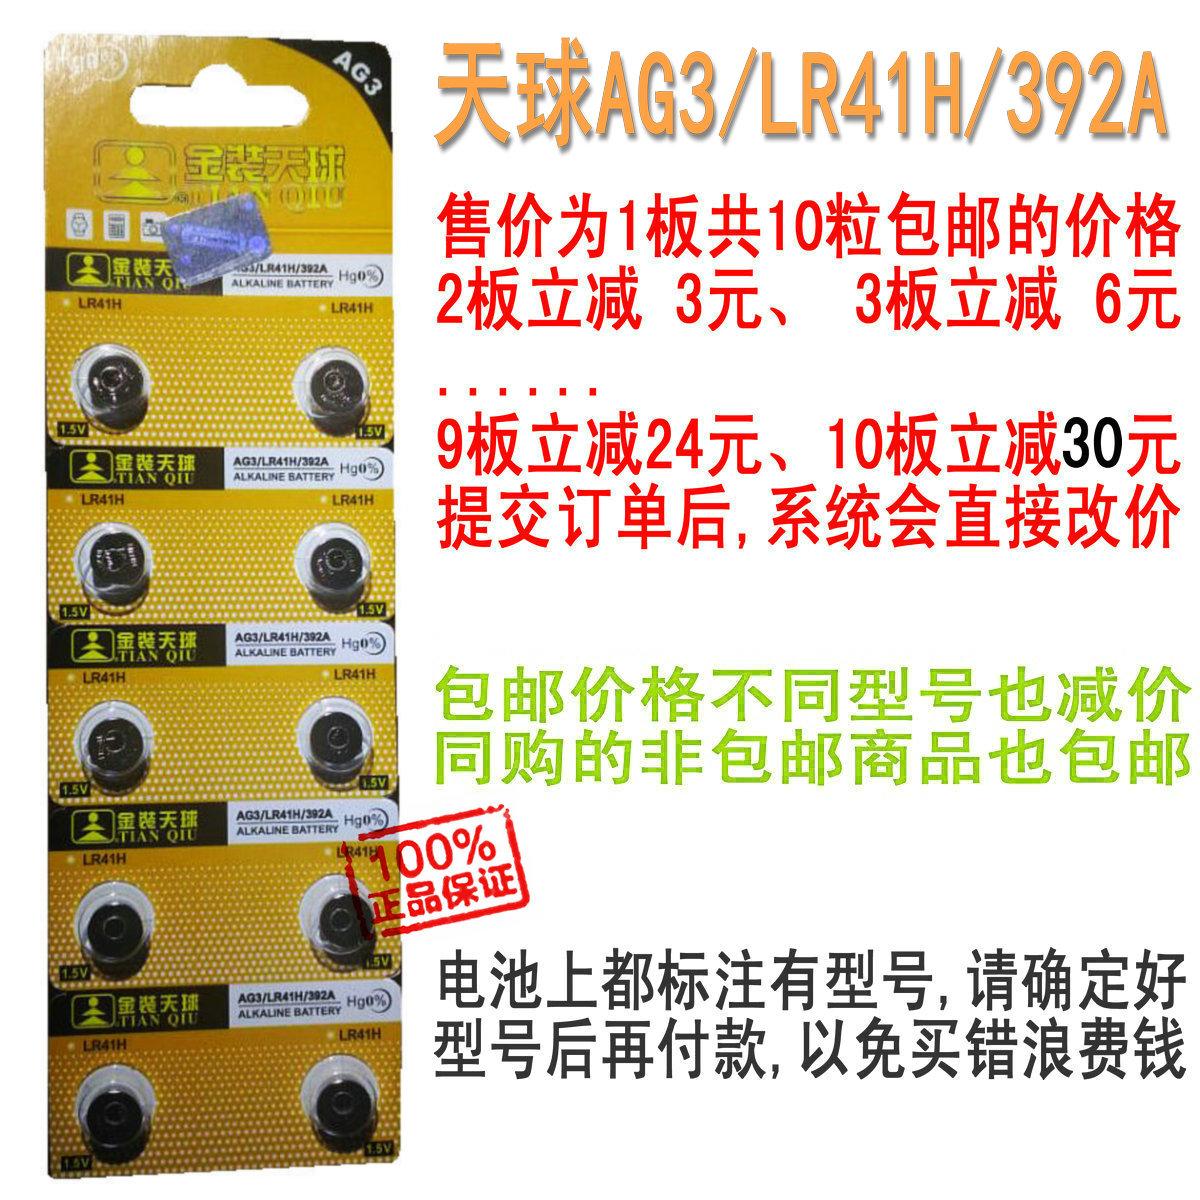 正品 天球AG3/LR41H/392A/736/192扣式电池 纽扣电子包邮 10粒装